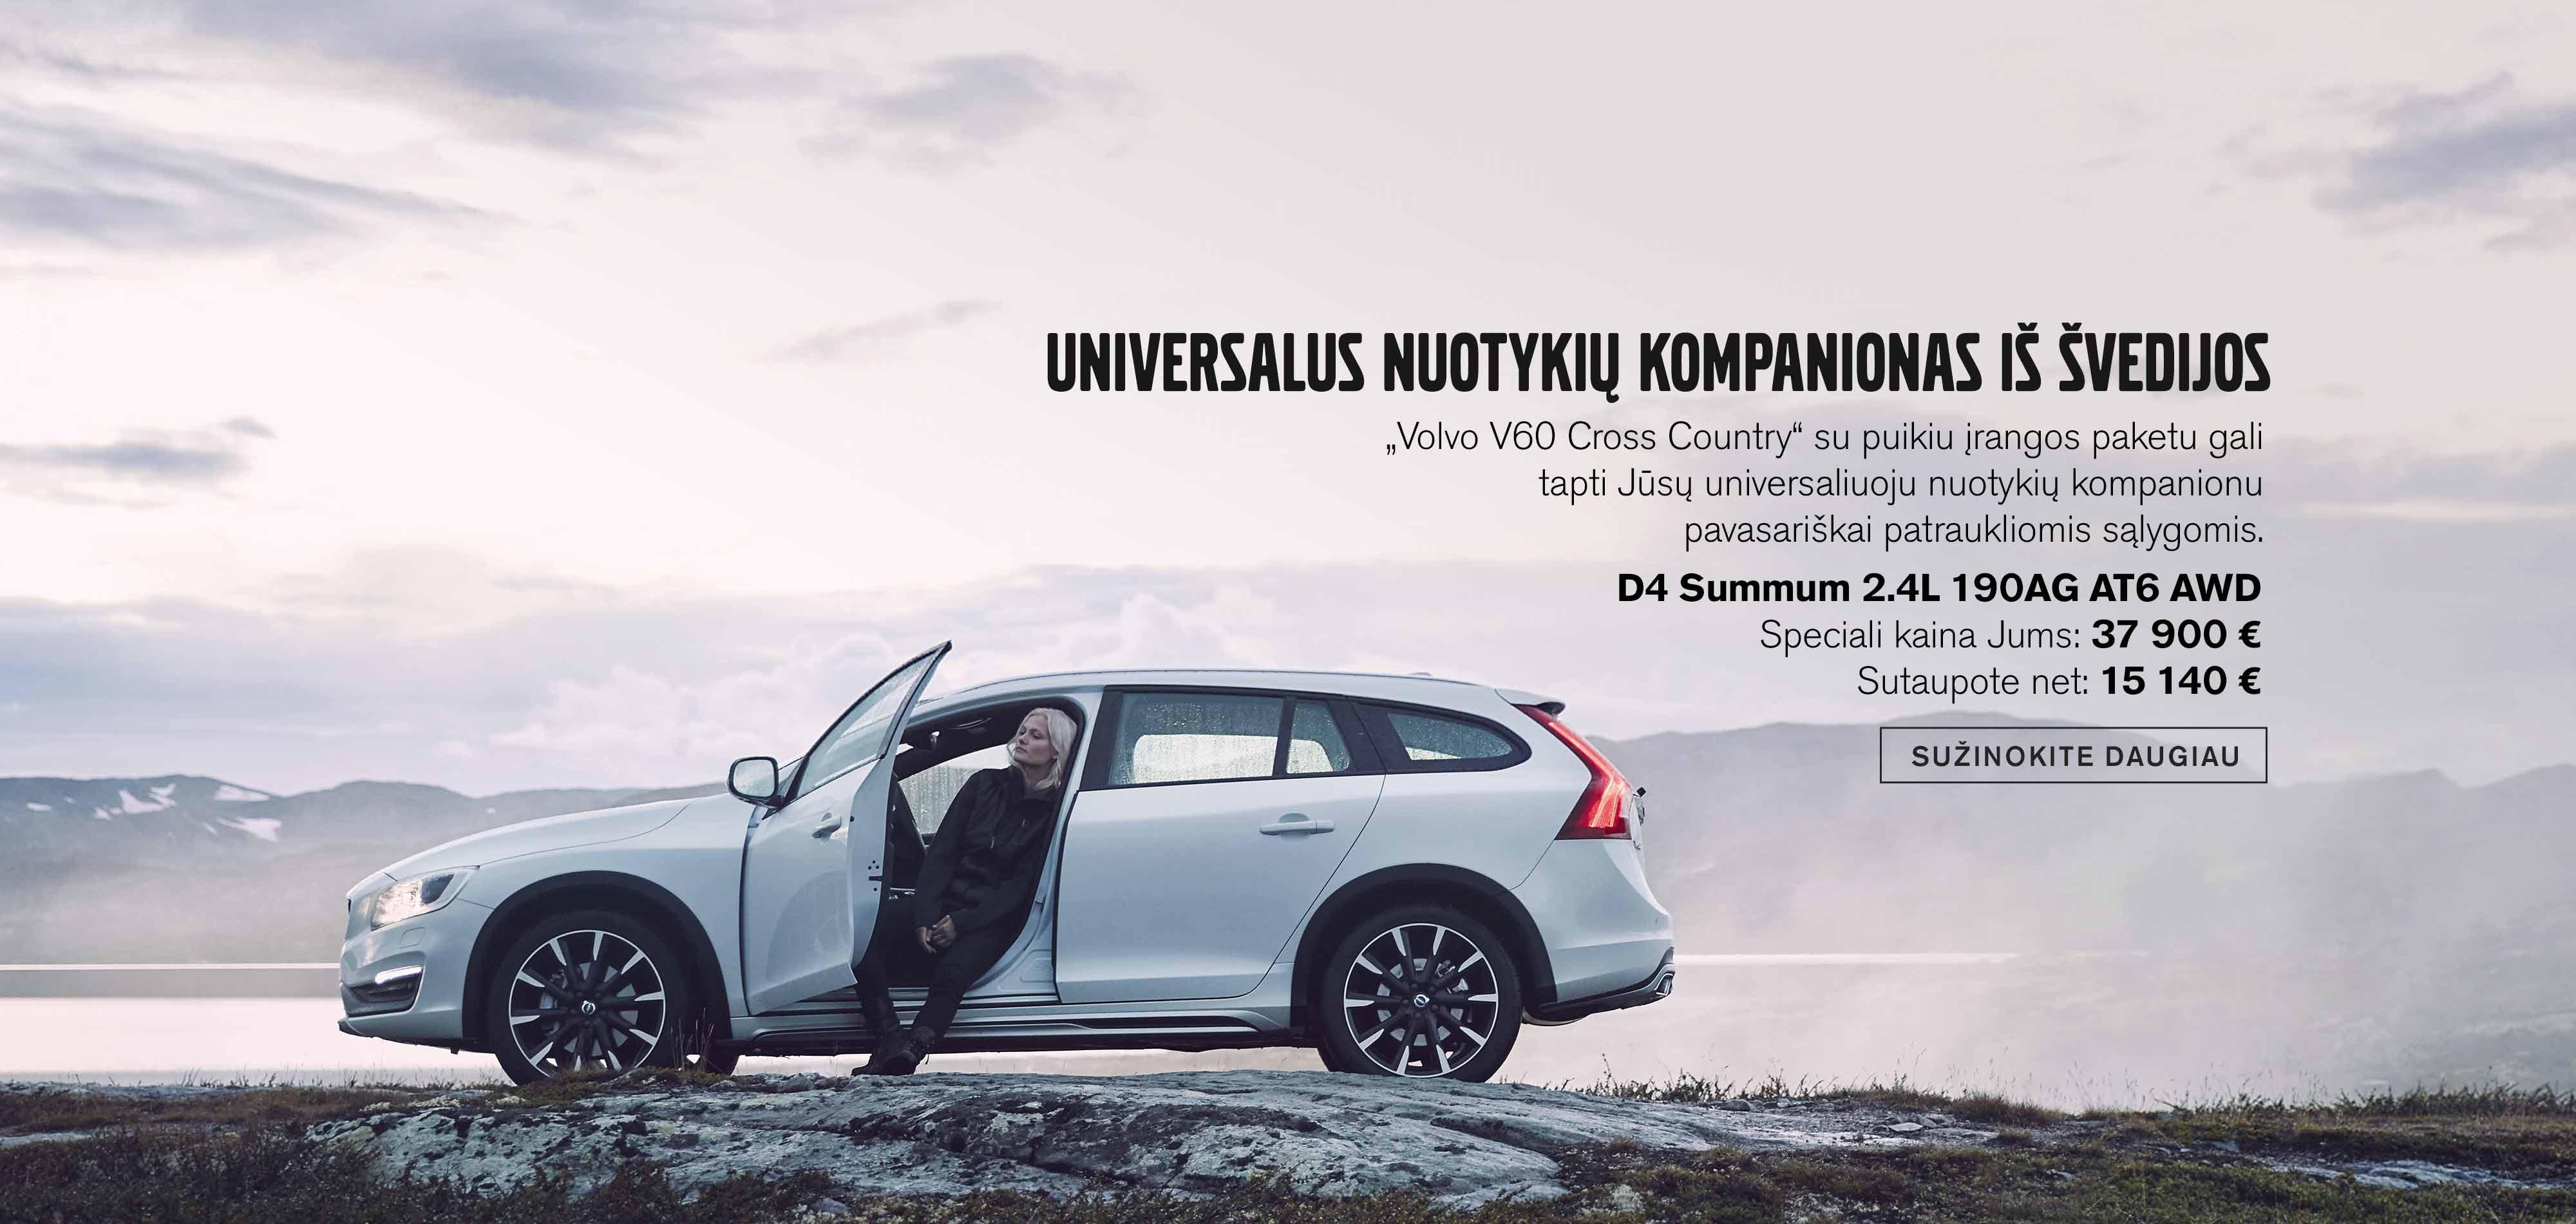 Universalus nuotykių kompanionas iš Švedijos